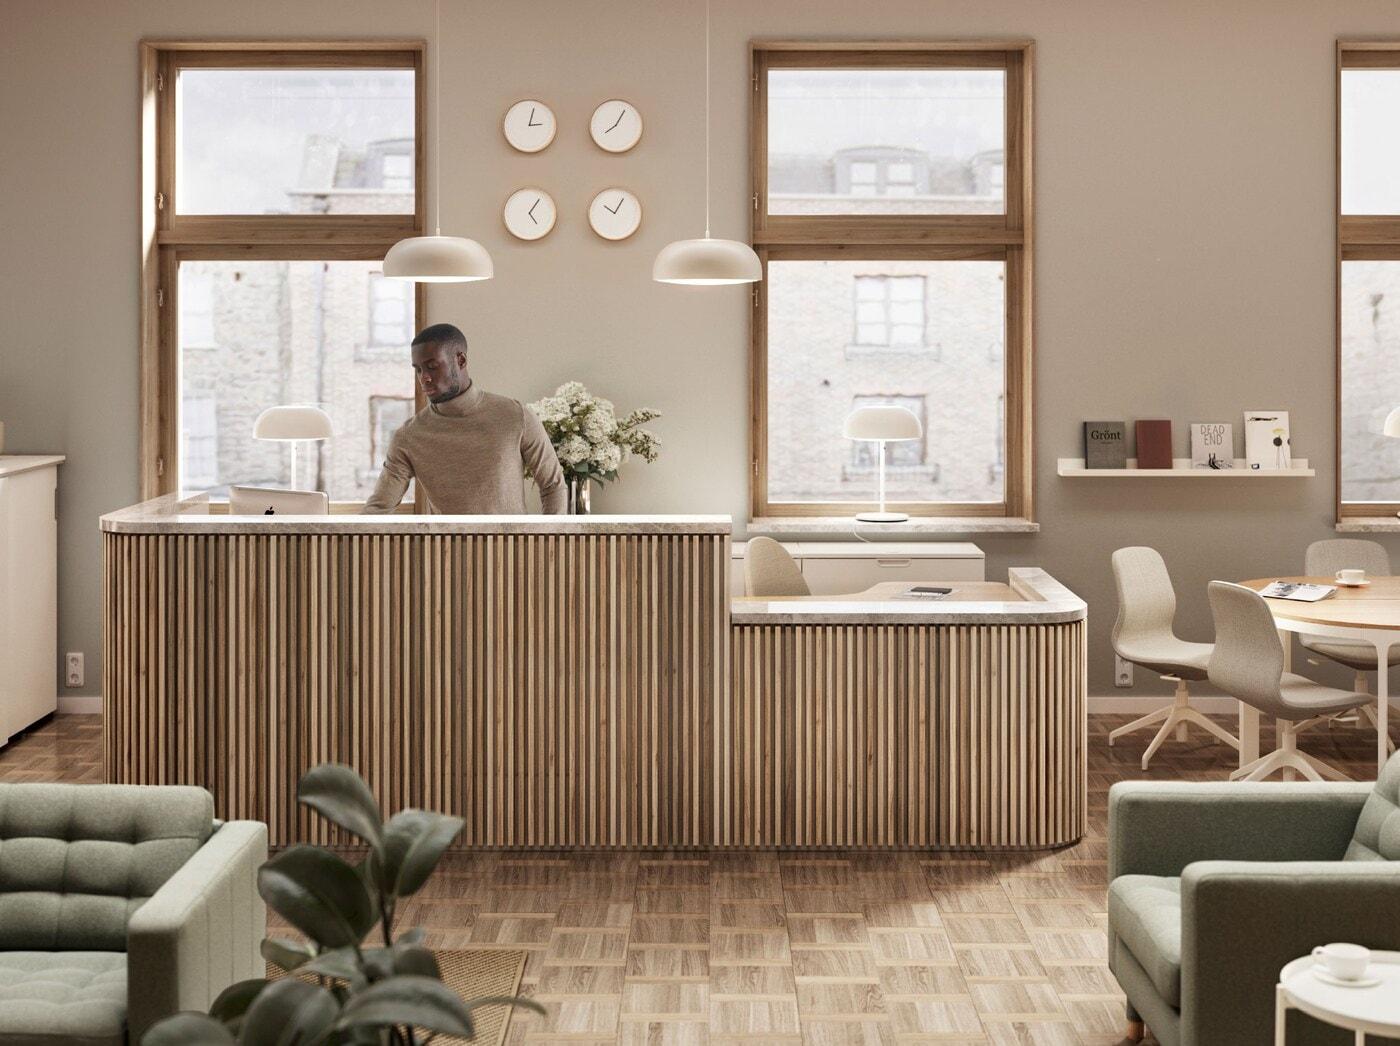 Mężczyzna stojący za umiejscowioną pod dwoma oknami ladą recepcji z jasnego drewna. Nad recepcję wiszą dwie lampy wiszące NYMÅNE, a na ścianie znajdują się cztery zegary.